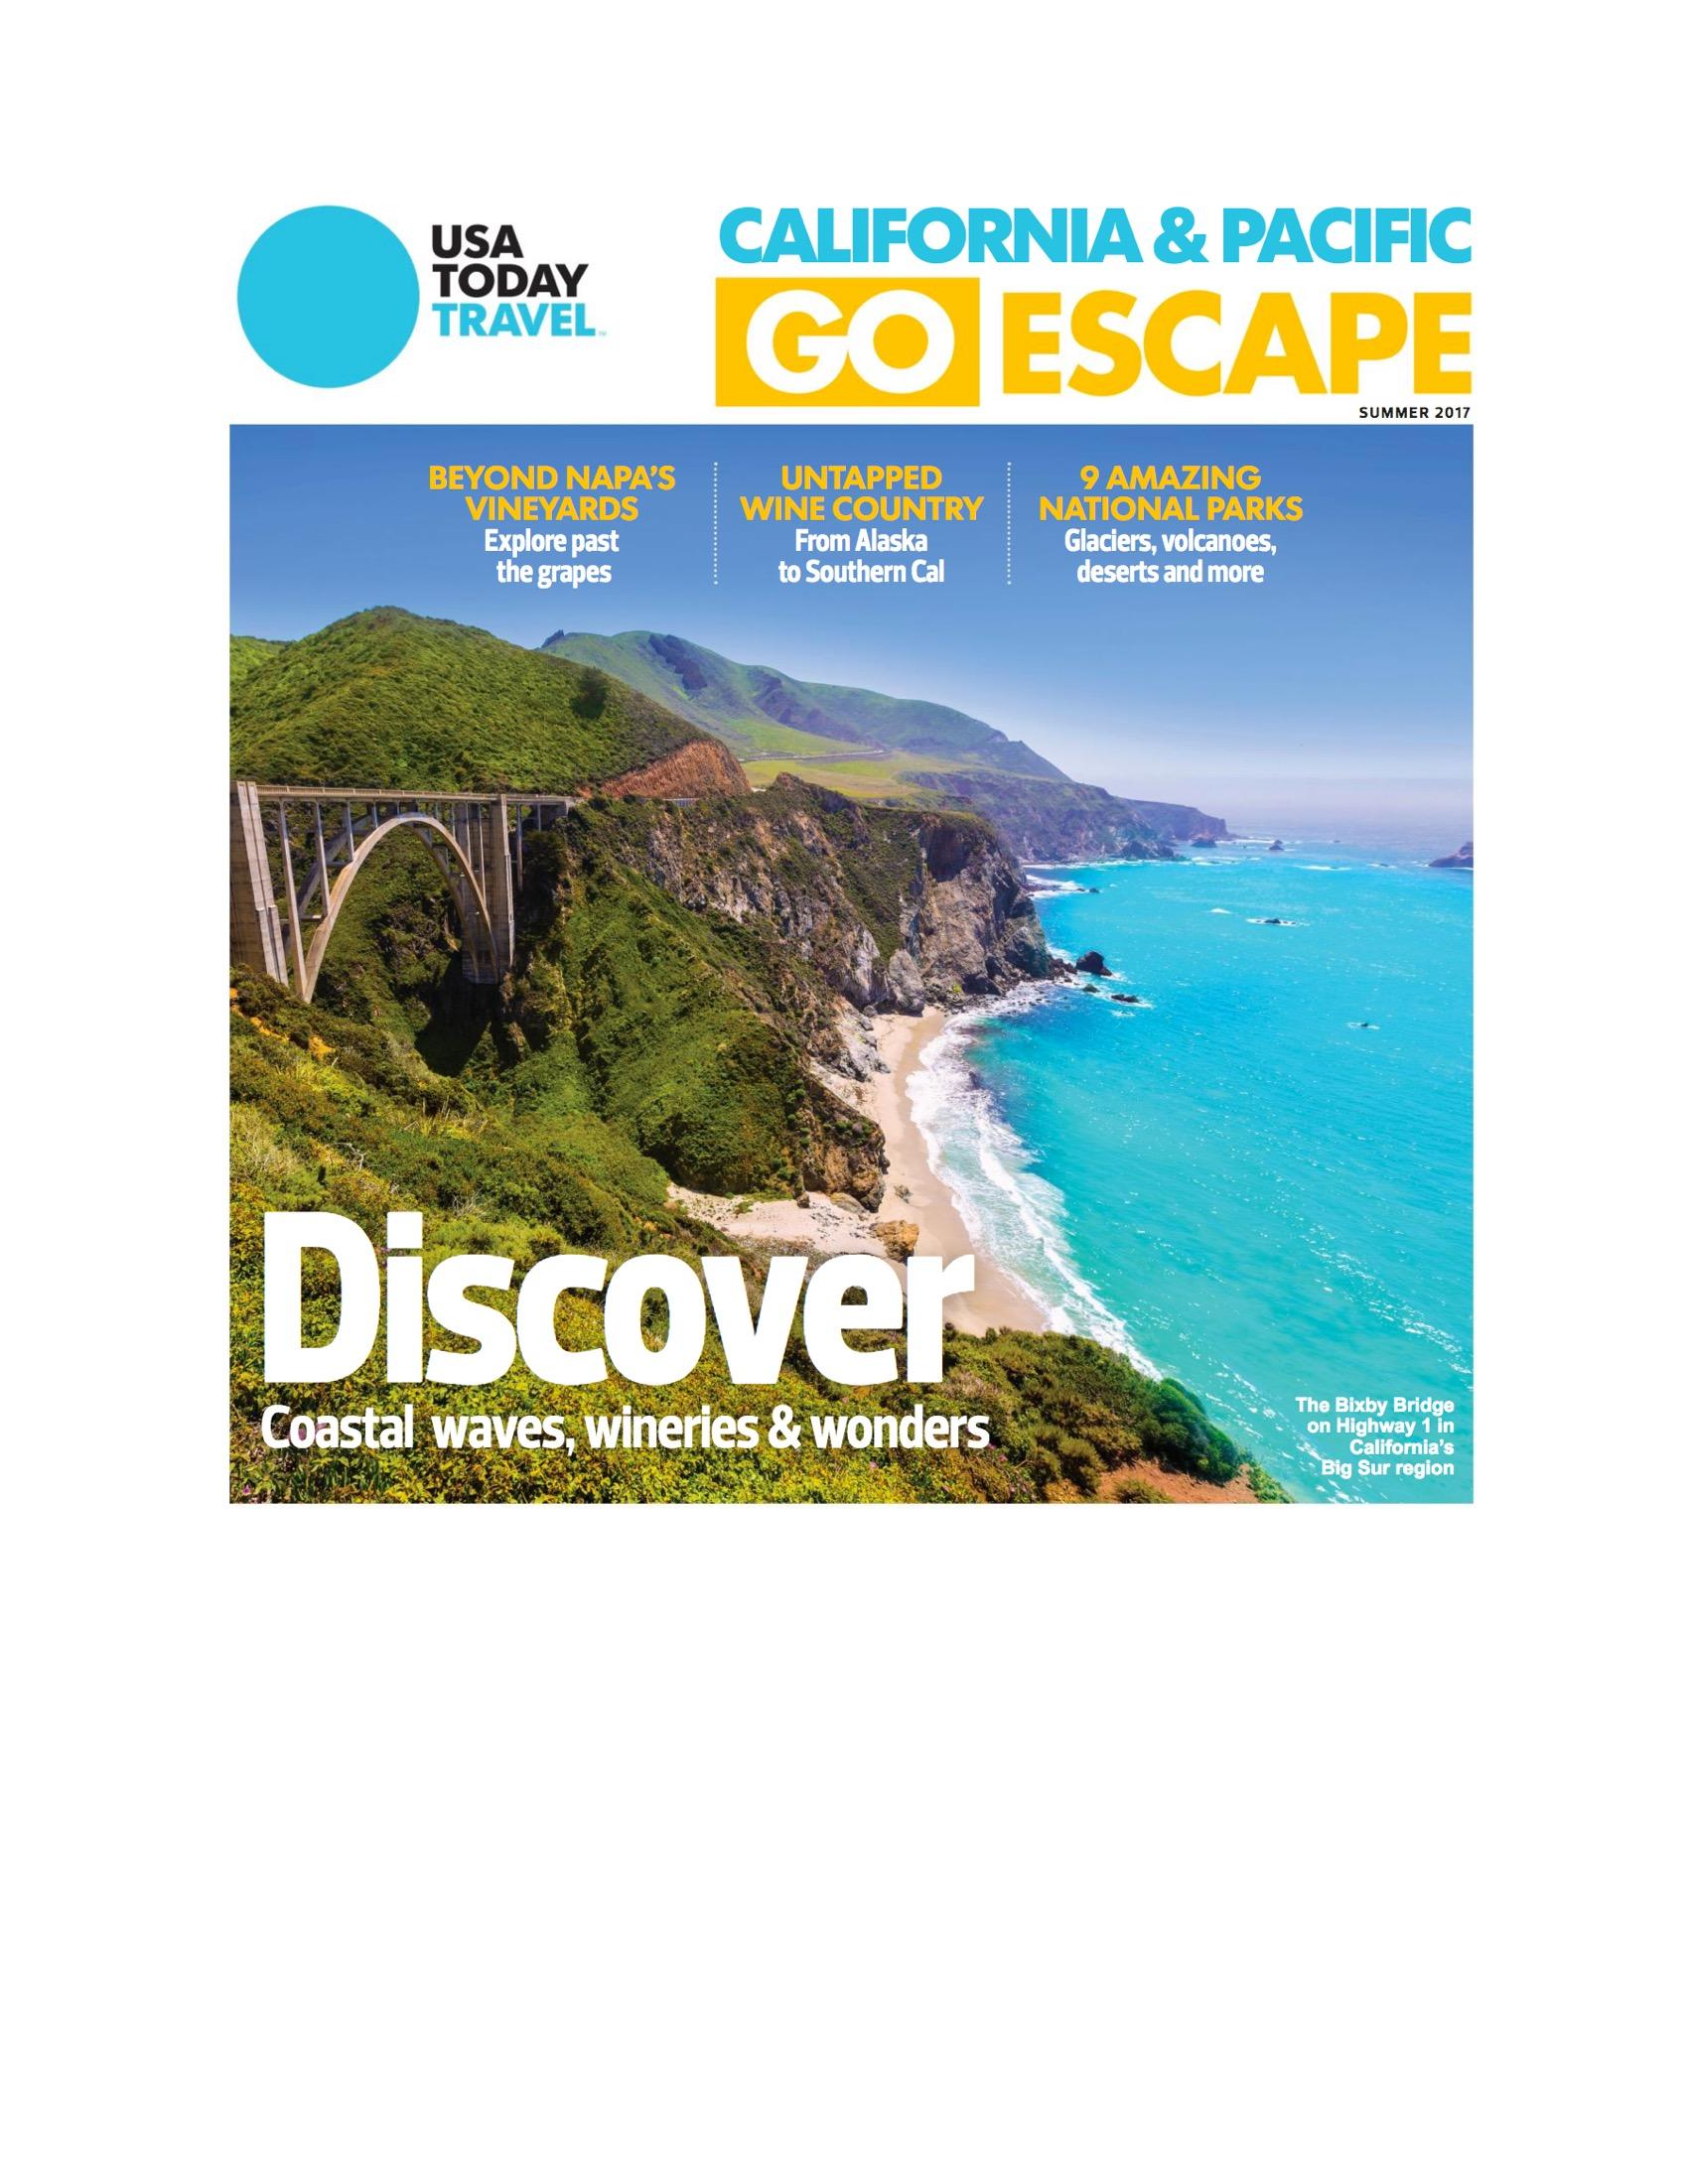 Summer USA Today Go Escape-1.jpeg